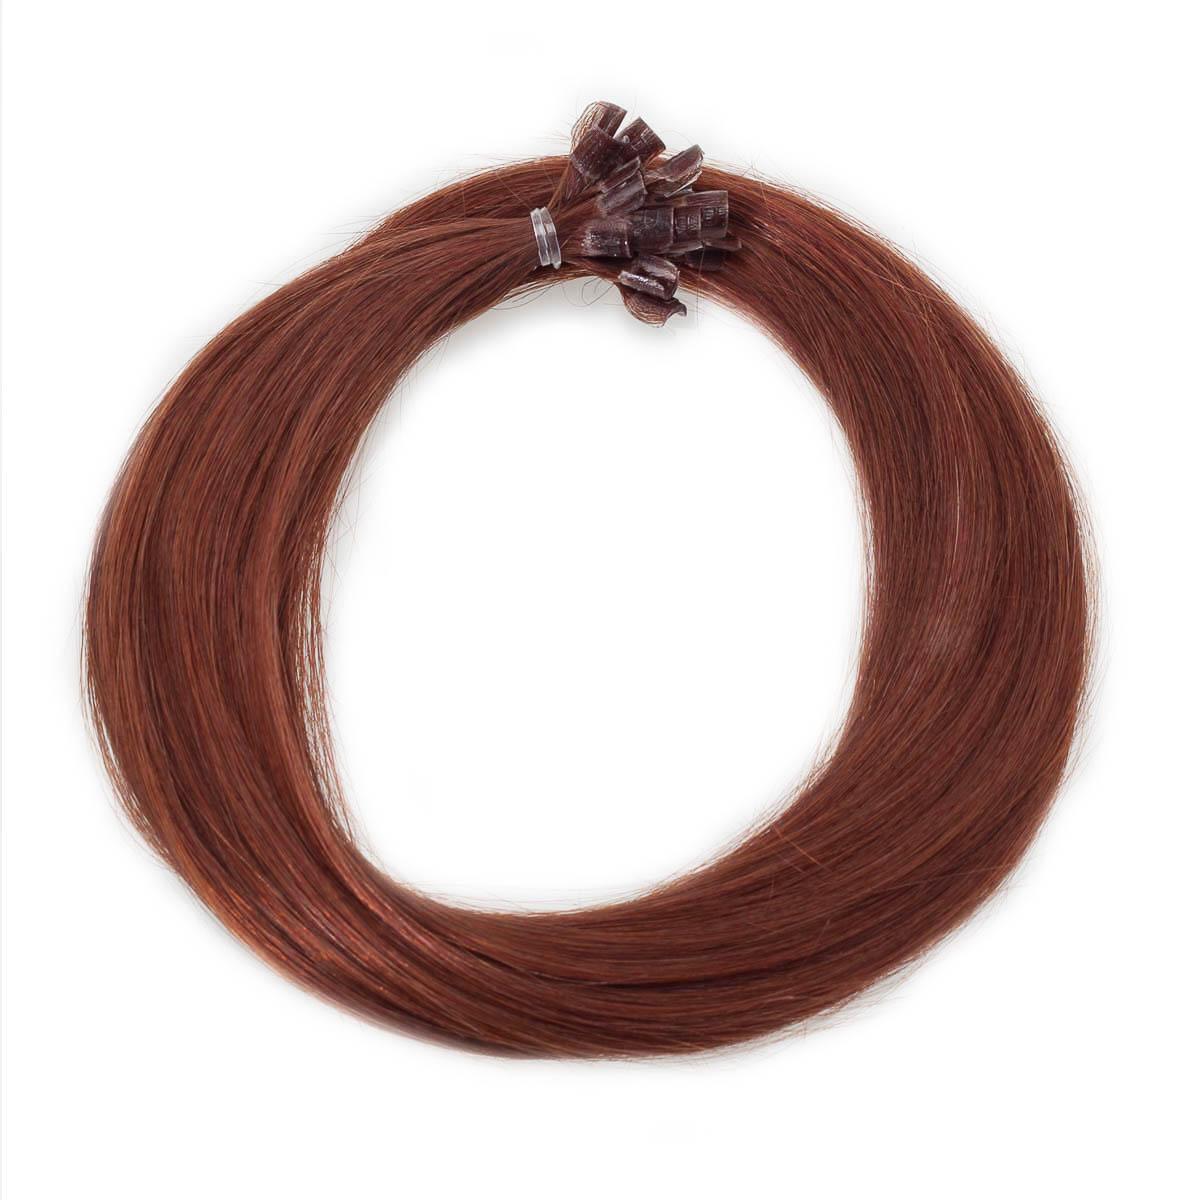 Nail Hair Original 5.5 Mahogany Brown 40 cm